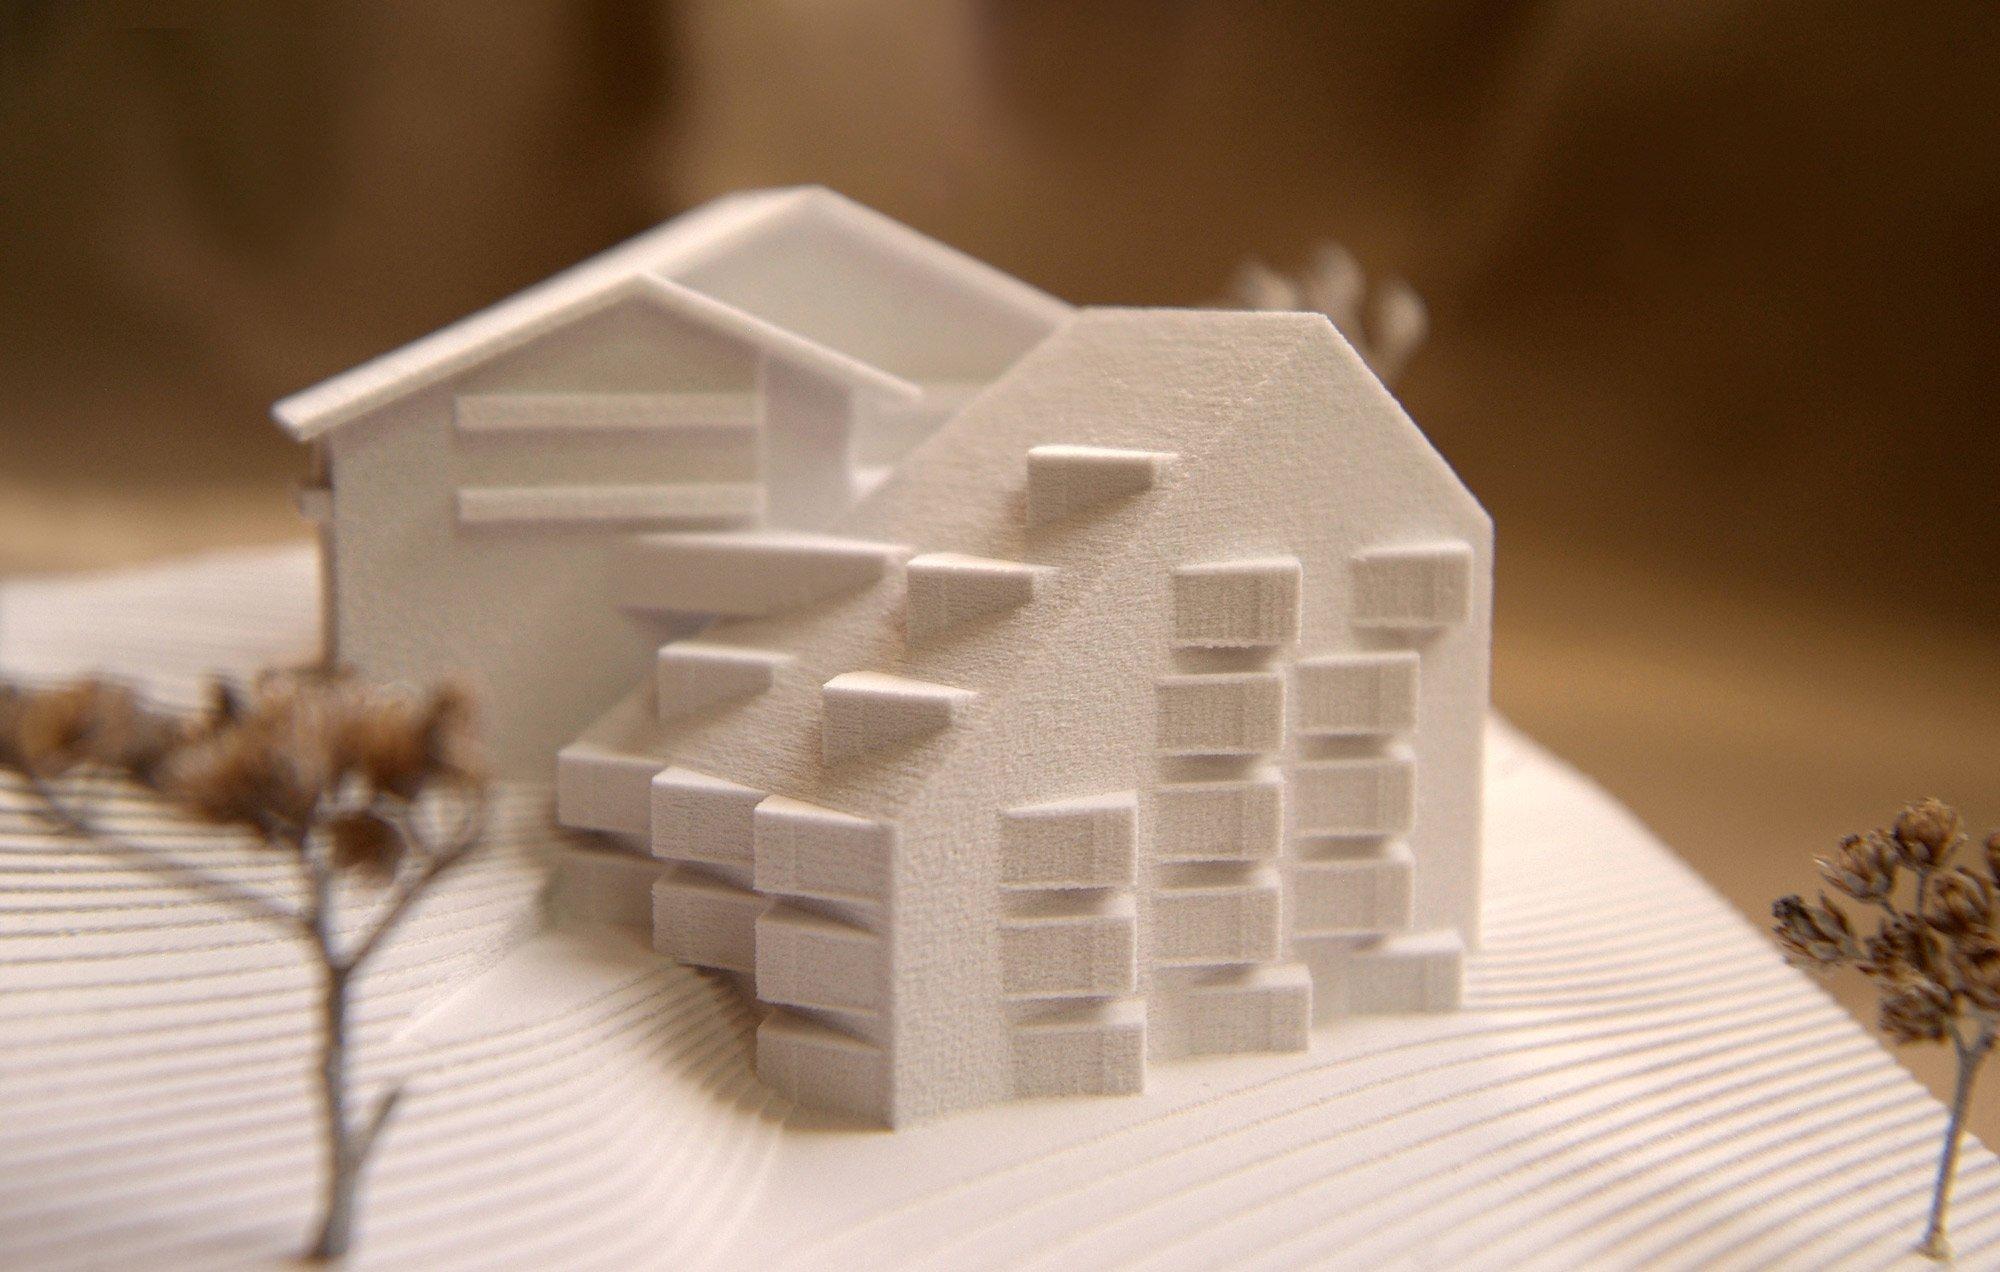 Concept © Pedevilla Architects